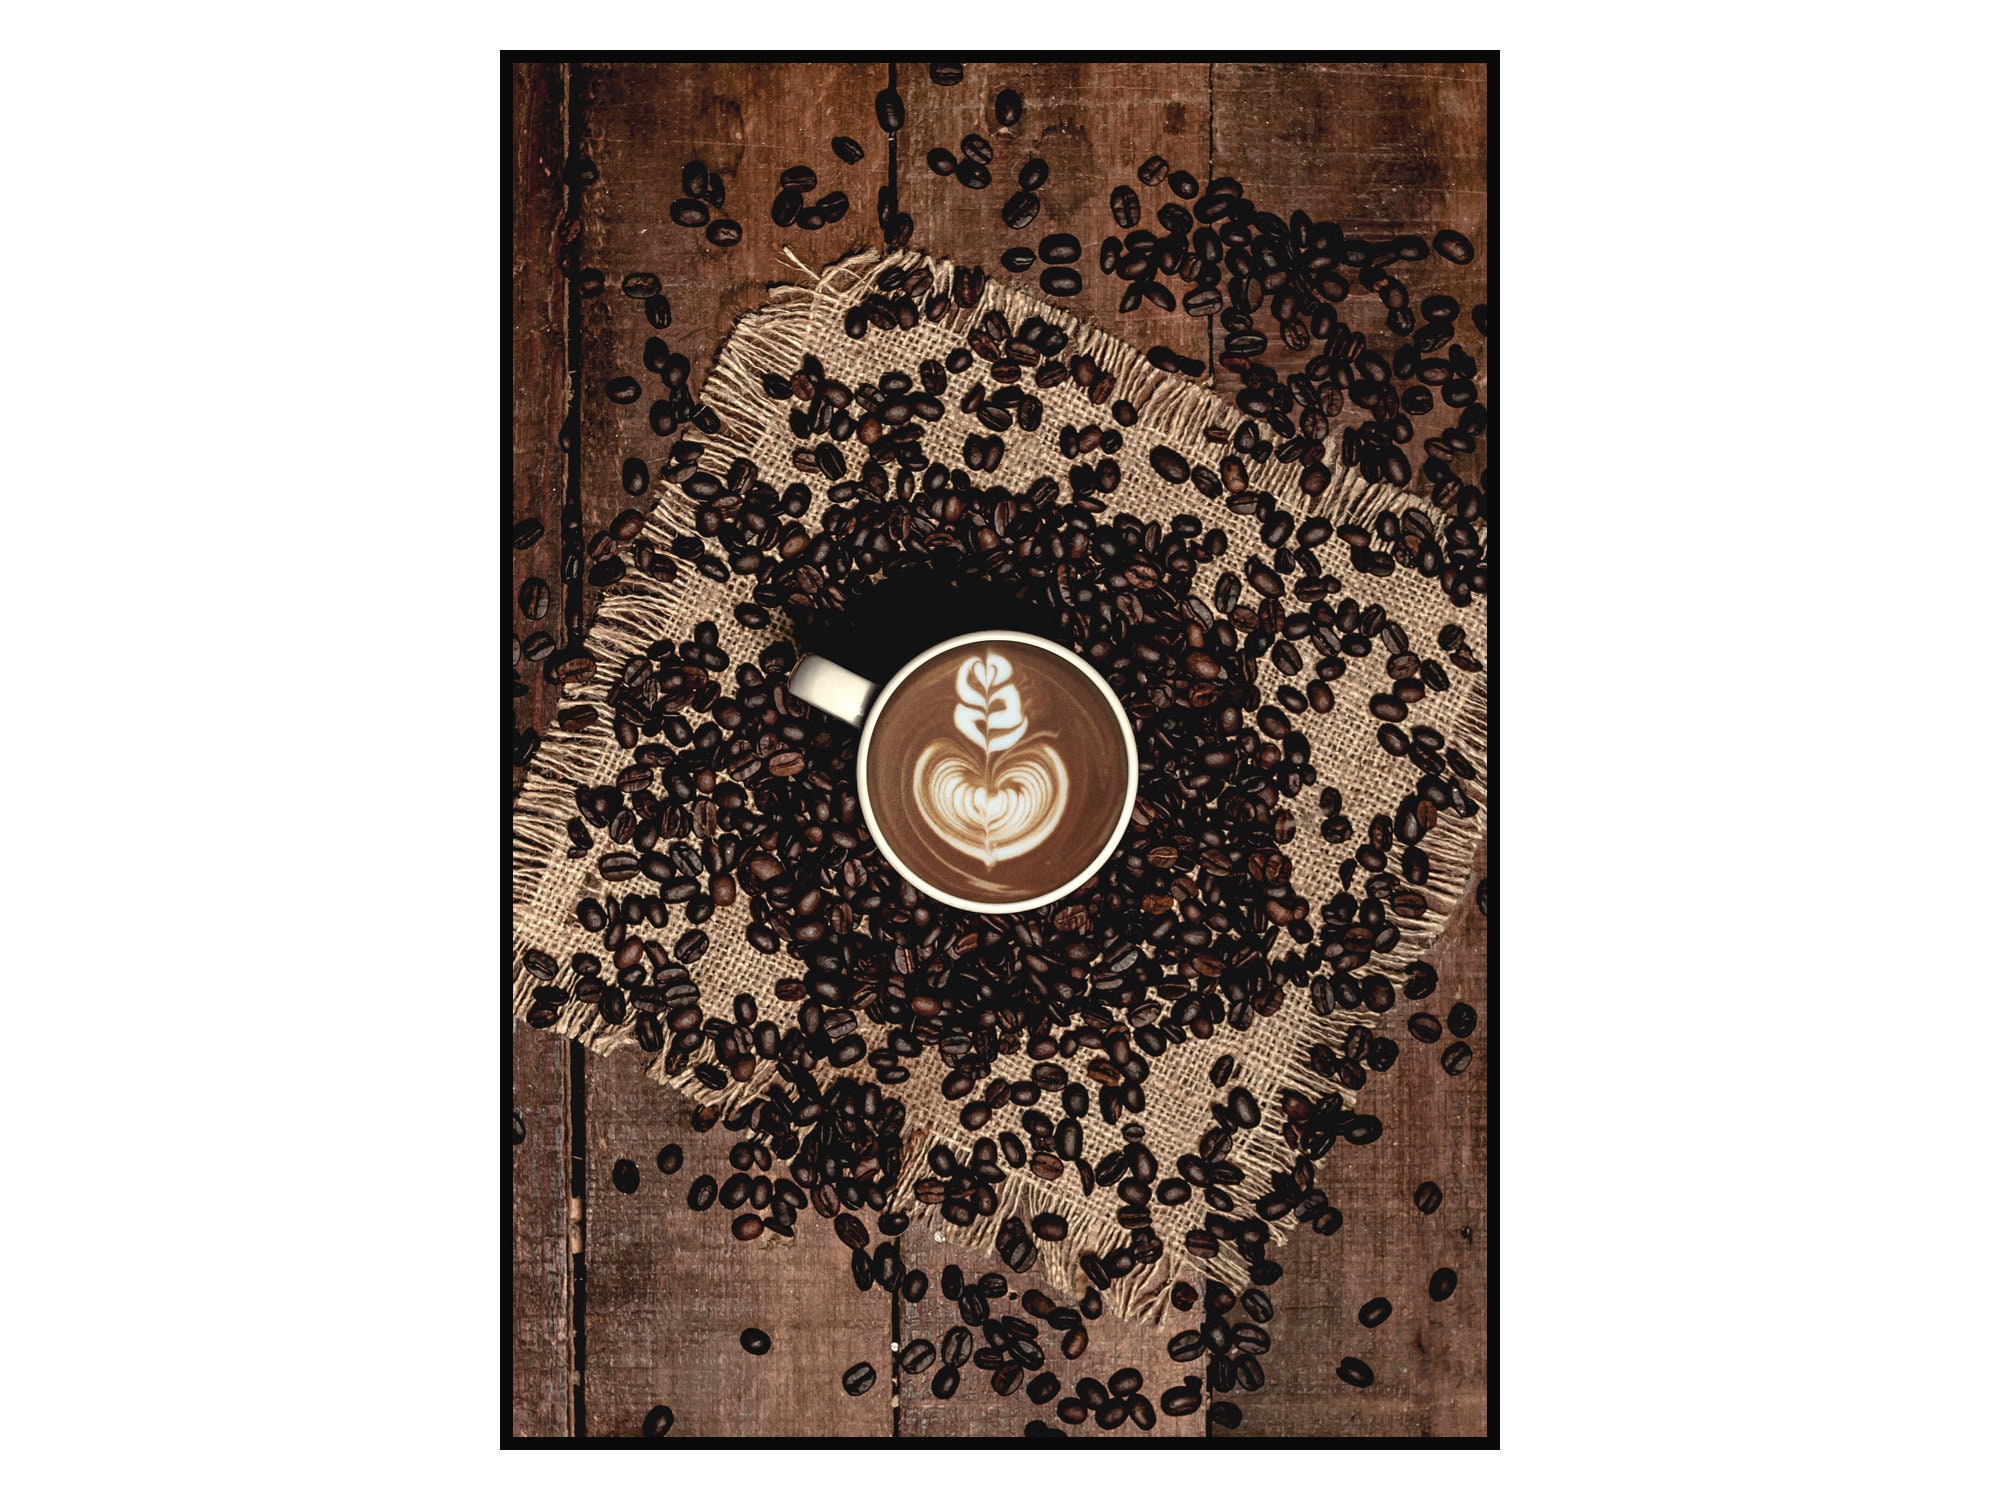 Kaffeebohnen - Gedruckt Poster Poster Jede Druckgröße A4 A5 11x14 30x40 50x70 13x28 70x100 Minimal Walldecor Kaffee